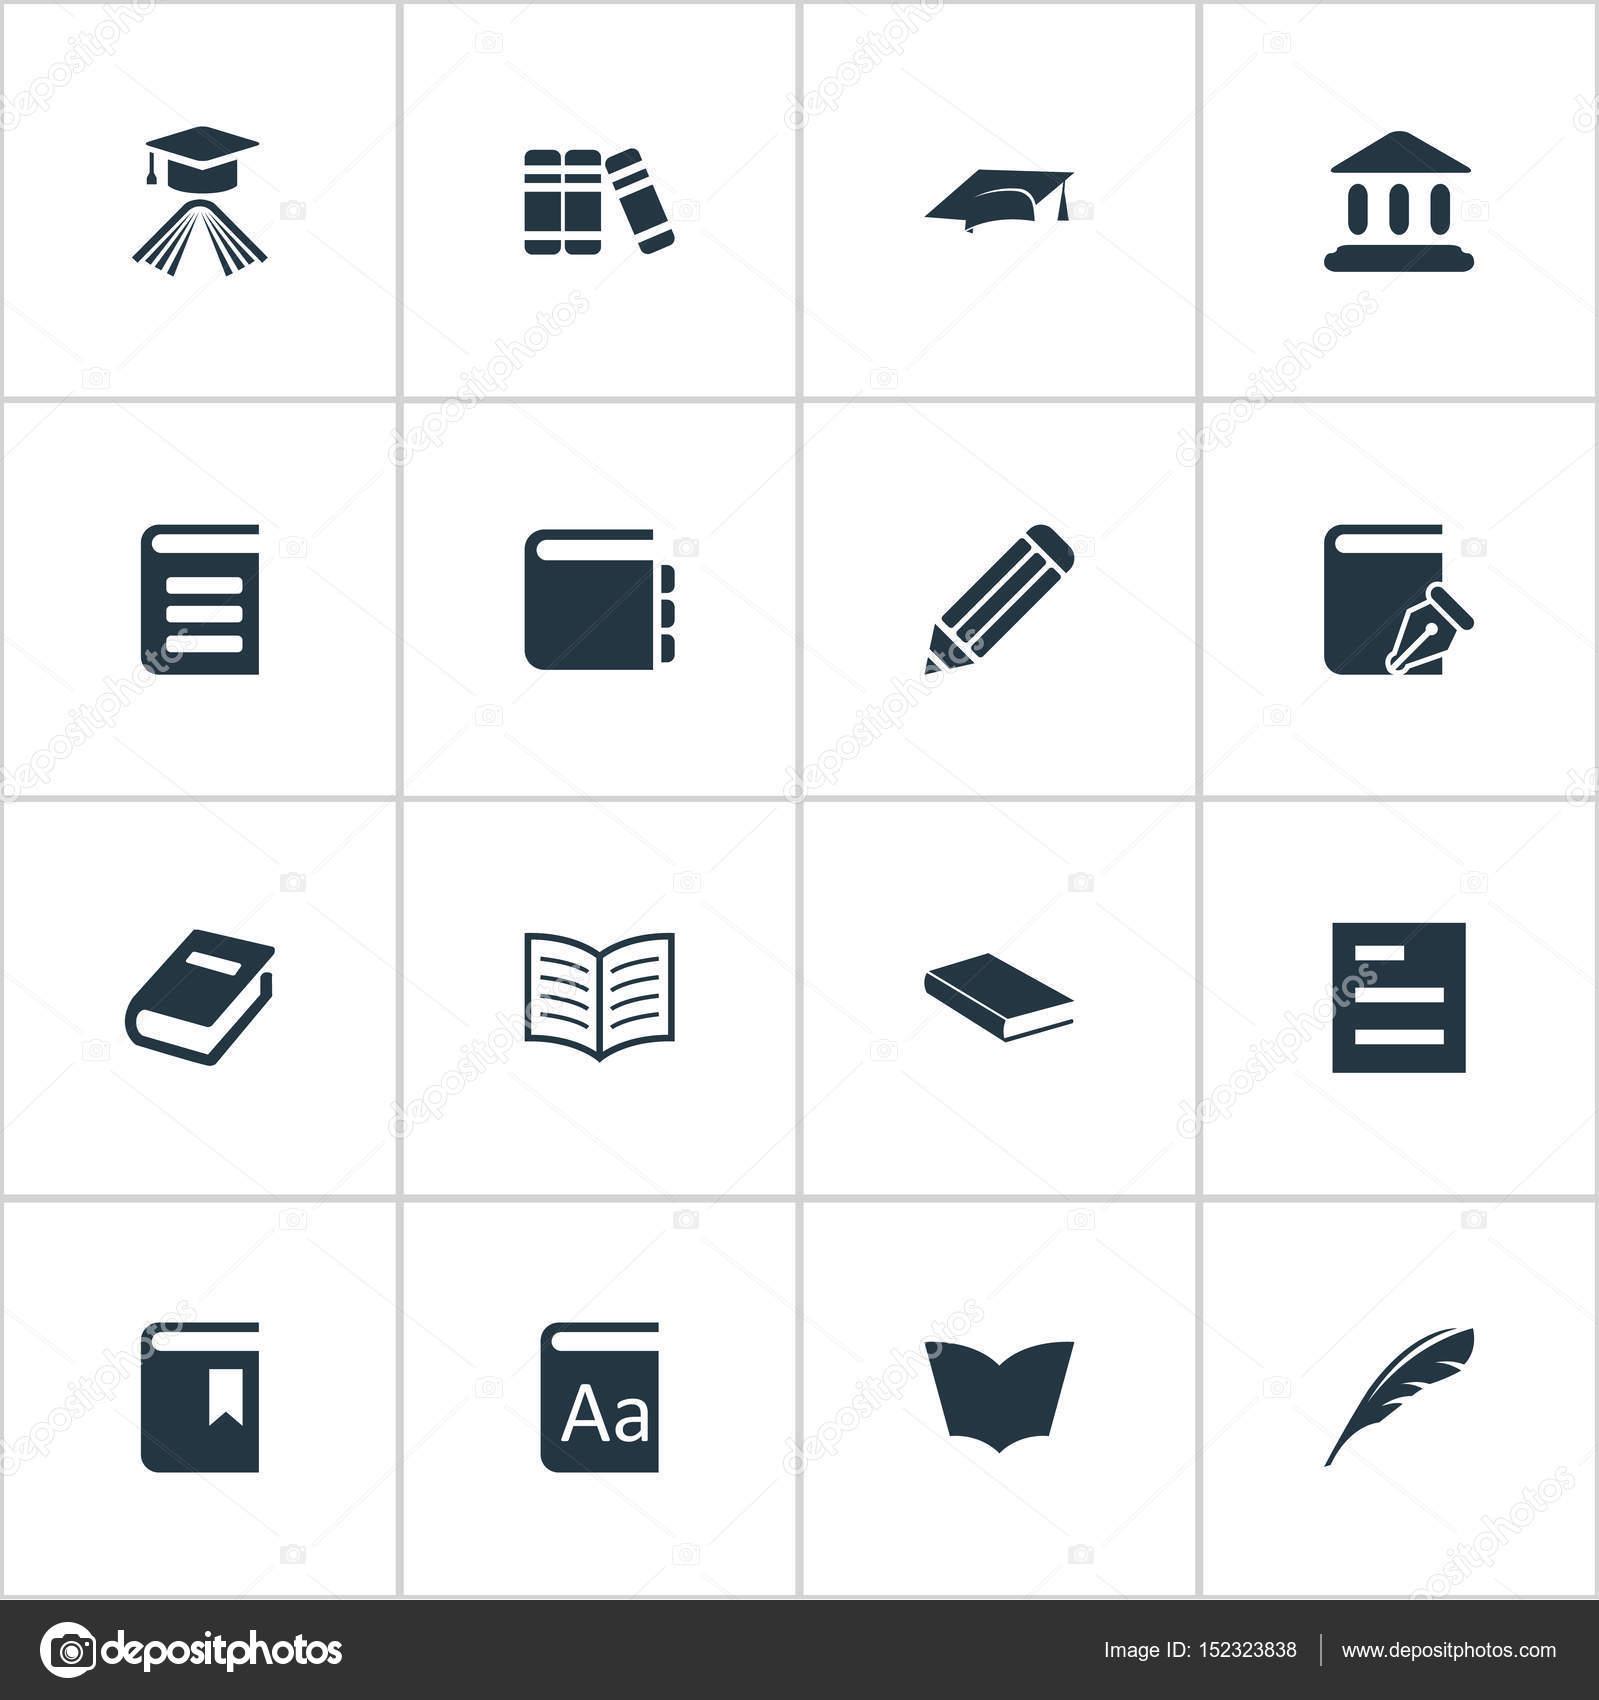 Illustrazione vettoriale Set di icone di semplice conoscenza ... aac9f7c9a133